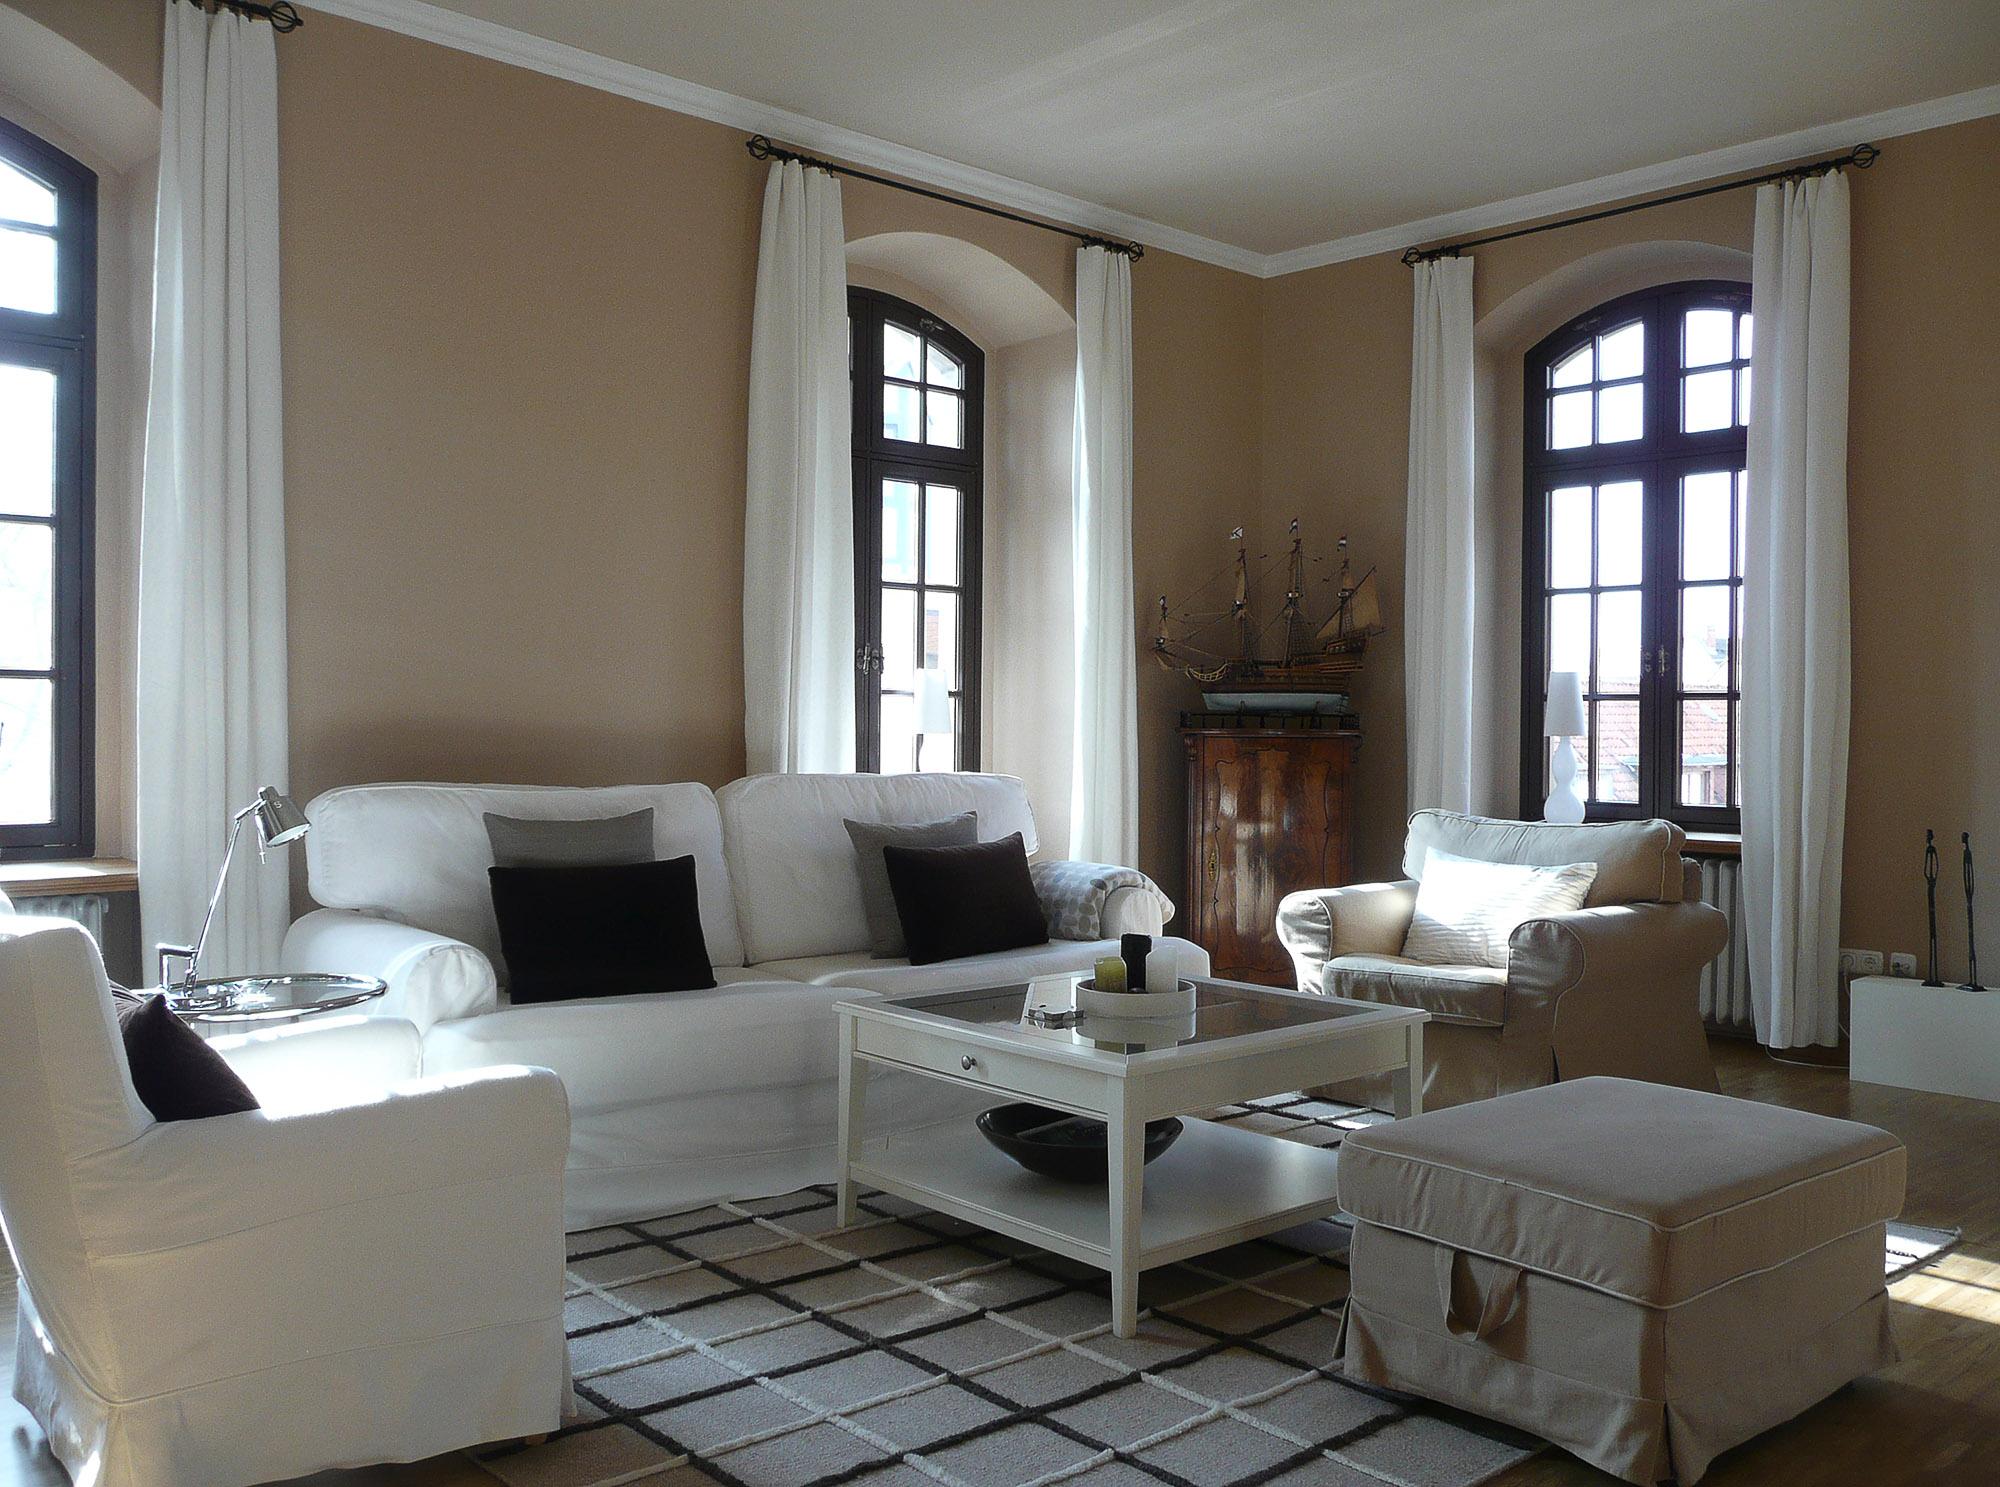 kalligrafie propfe sch ner wohnen mit farbe. Black Bedroom Furniture Sets. Home Design Ideas